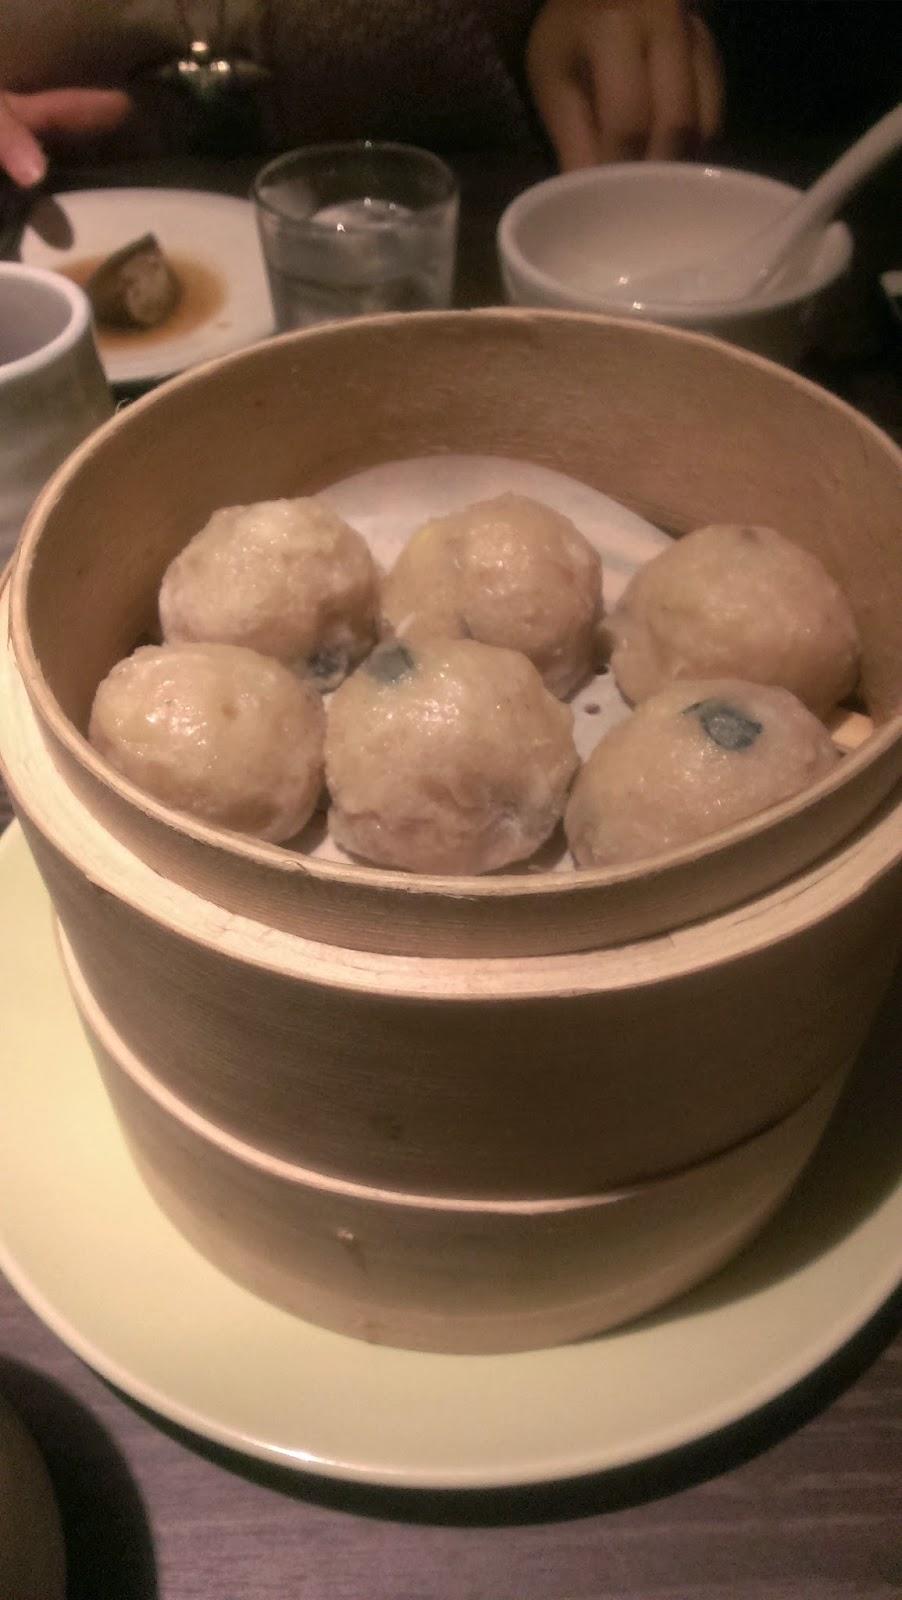 2014 11 08%2B18.58.13 - [食記] 香聚鍋 - 高價、精緻的火鍋,食材新鮮多樣適合好久不見的小聚